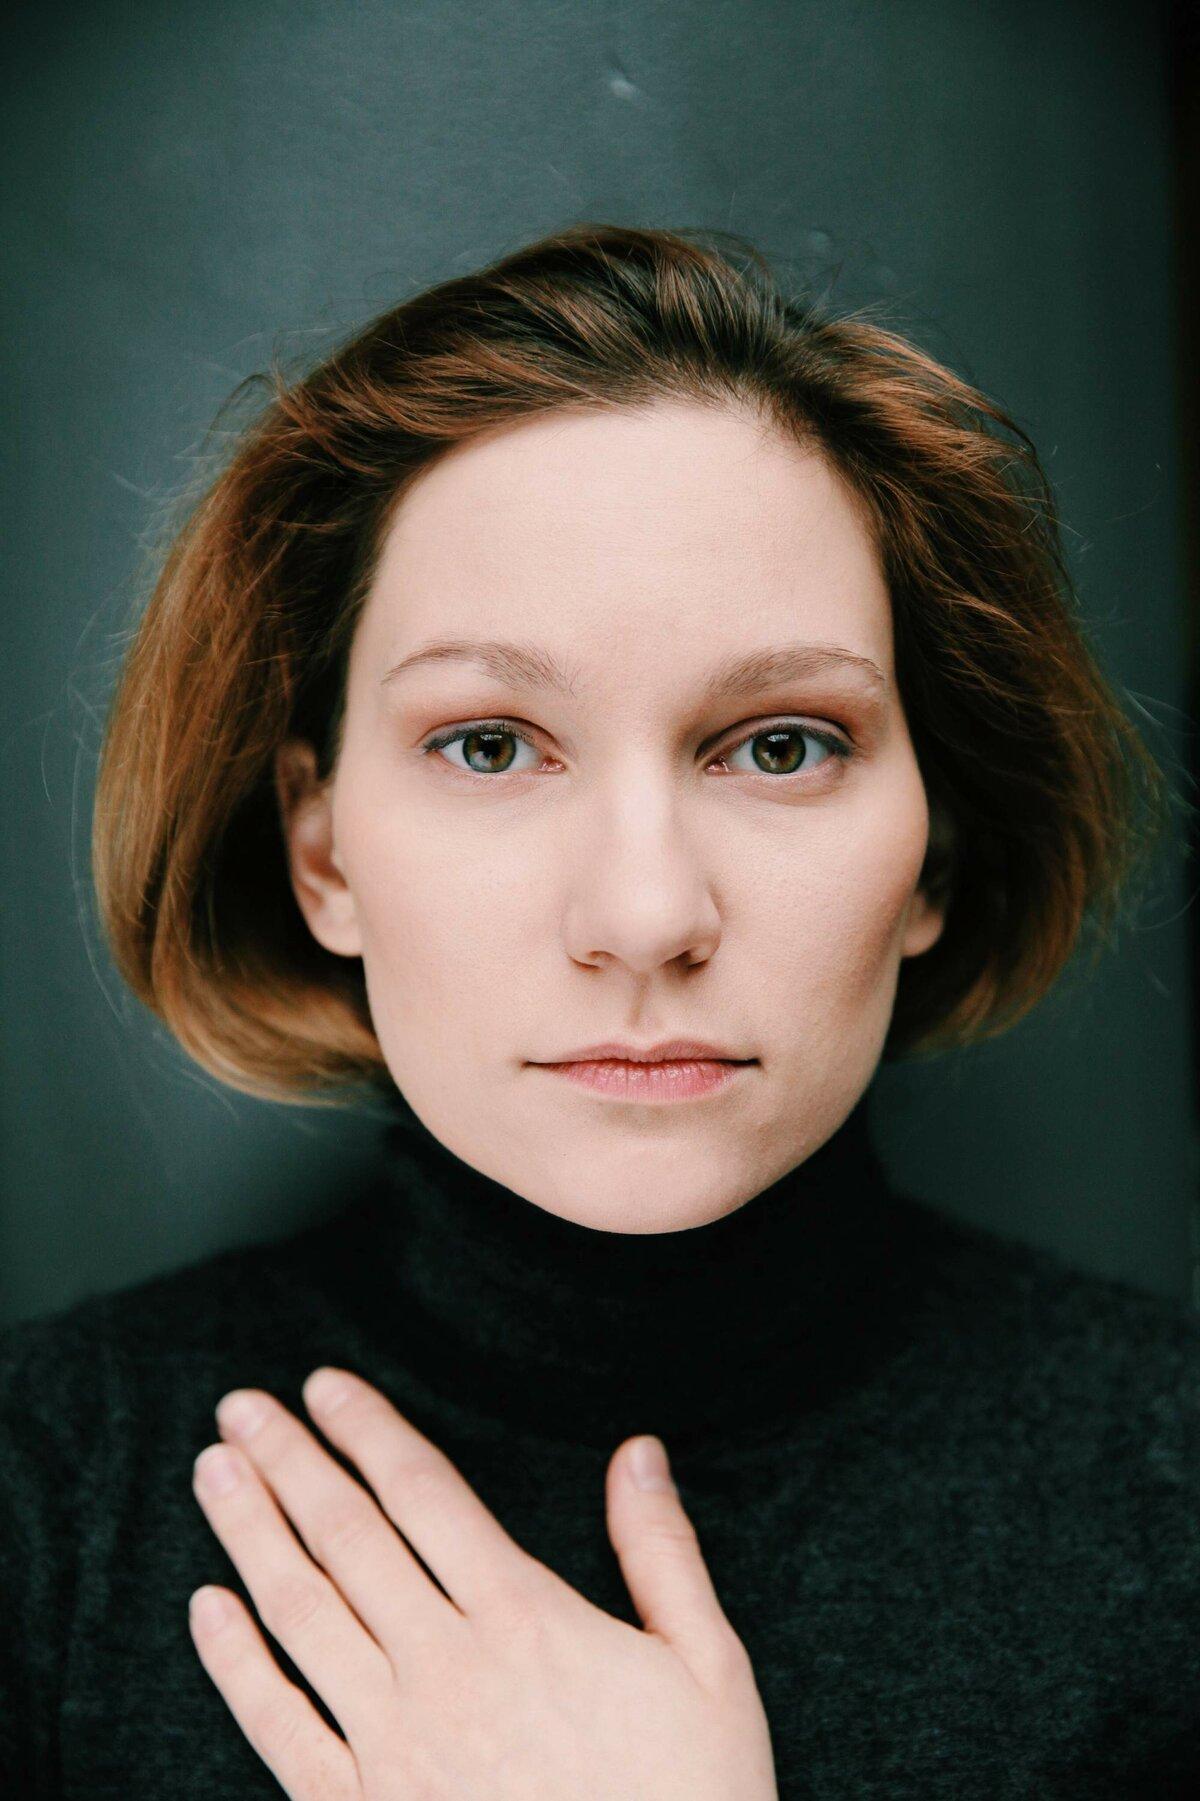 театральные актрисы фото фото лучших мастеров